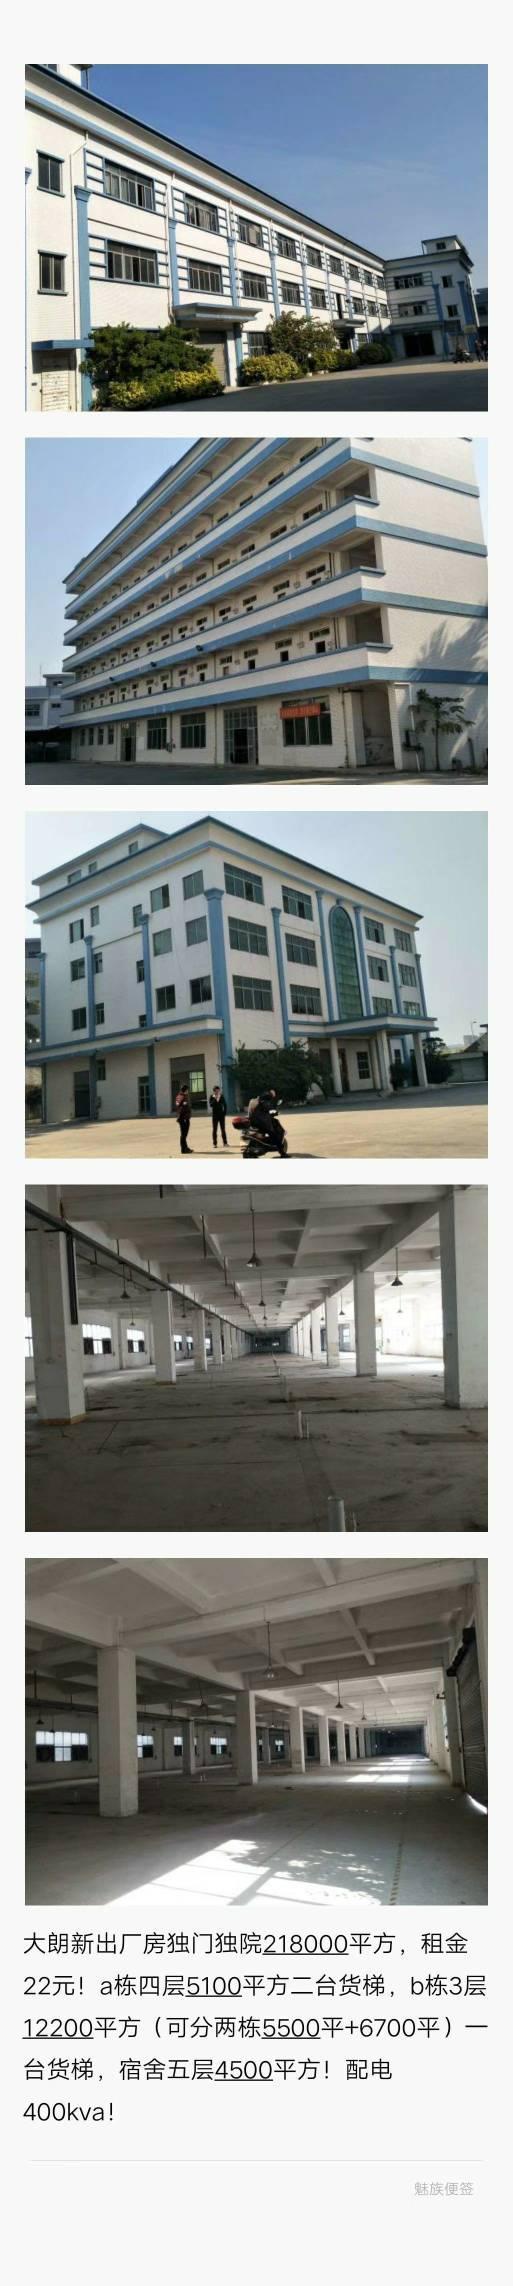 独院厂房招租218000平方水电齐全,独立办公室宿舍